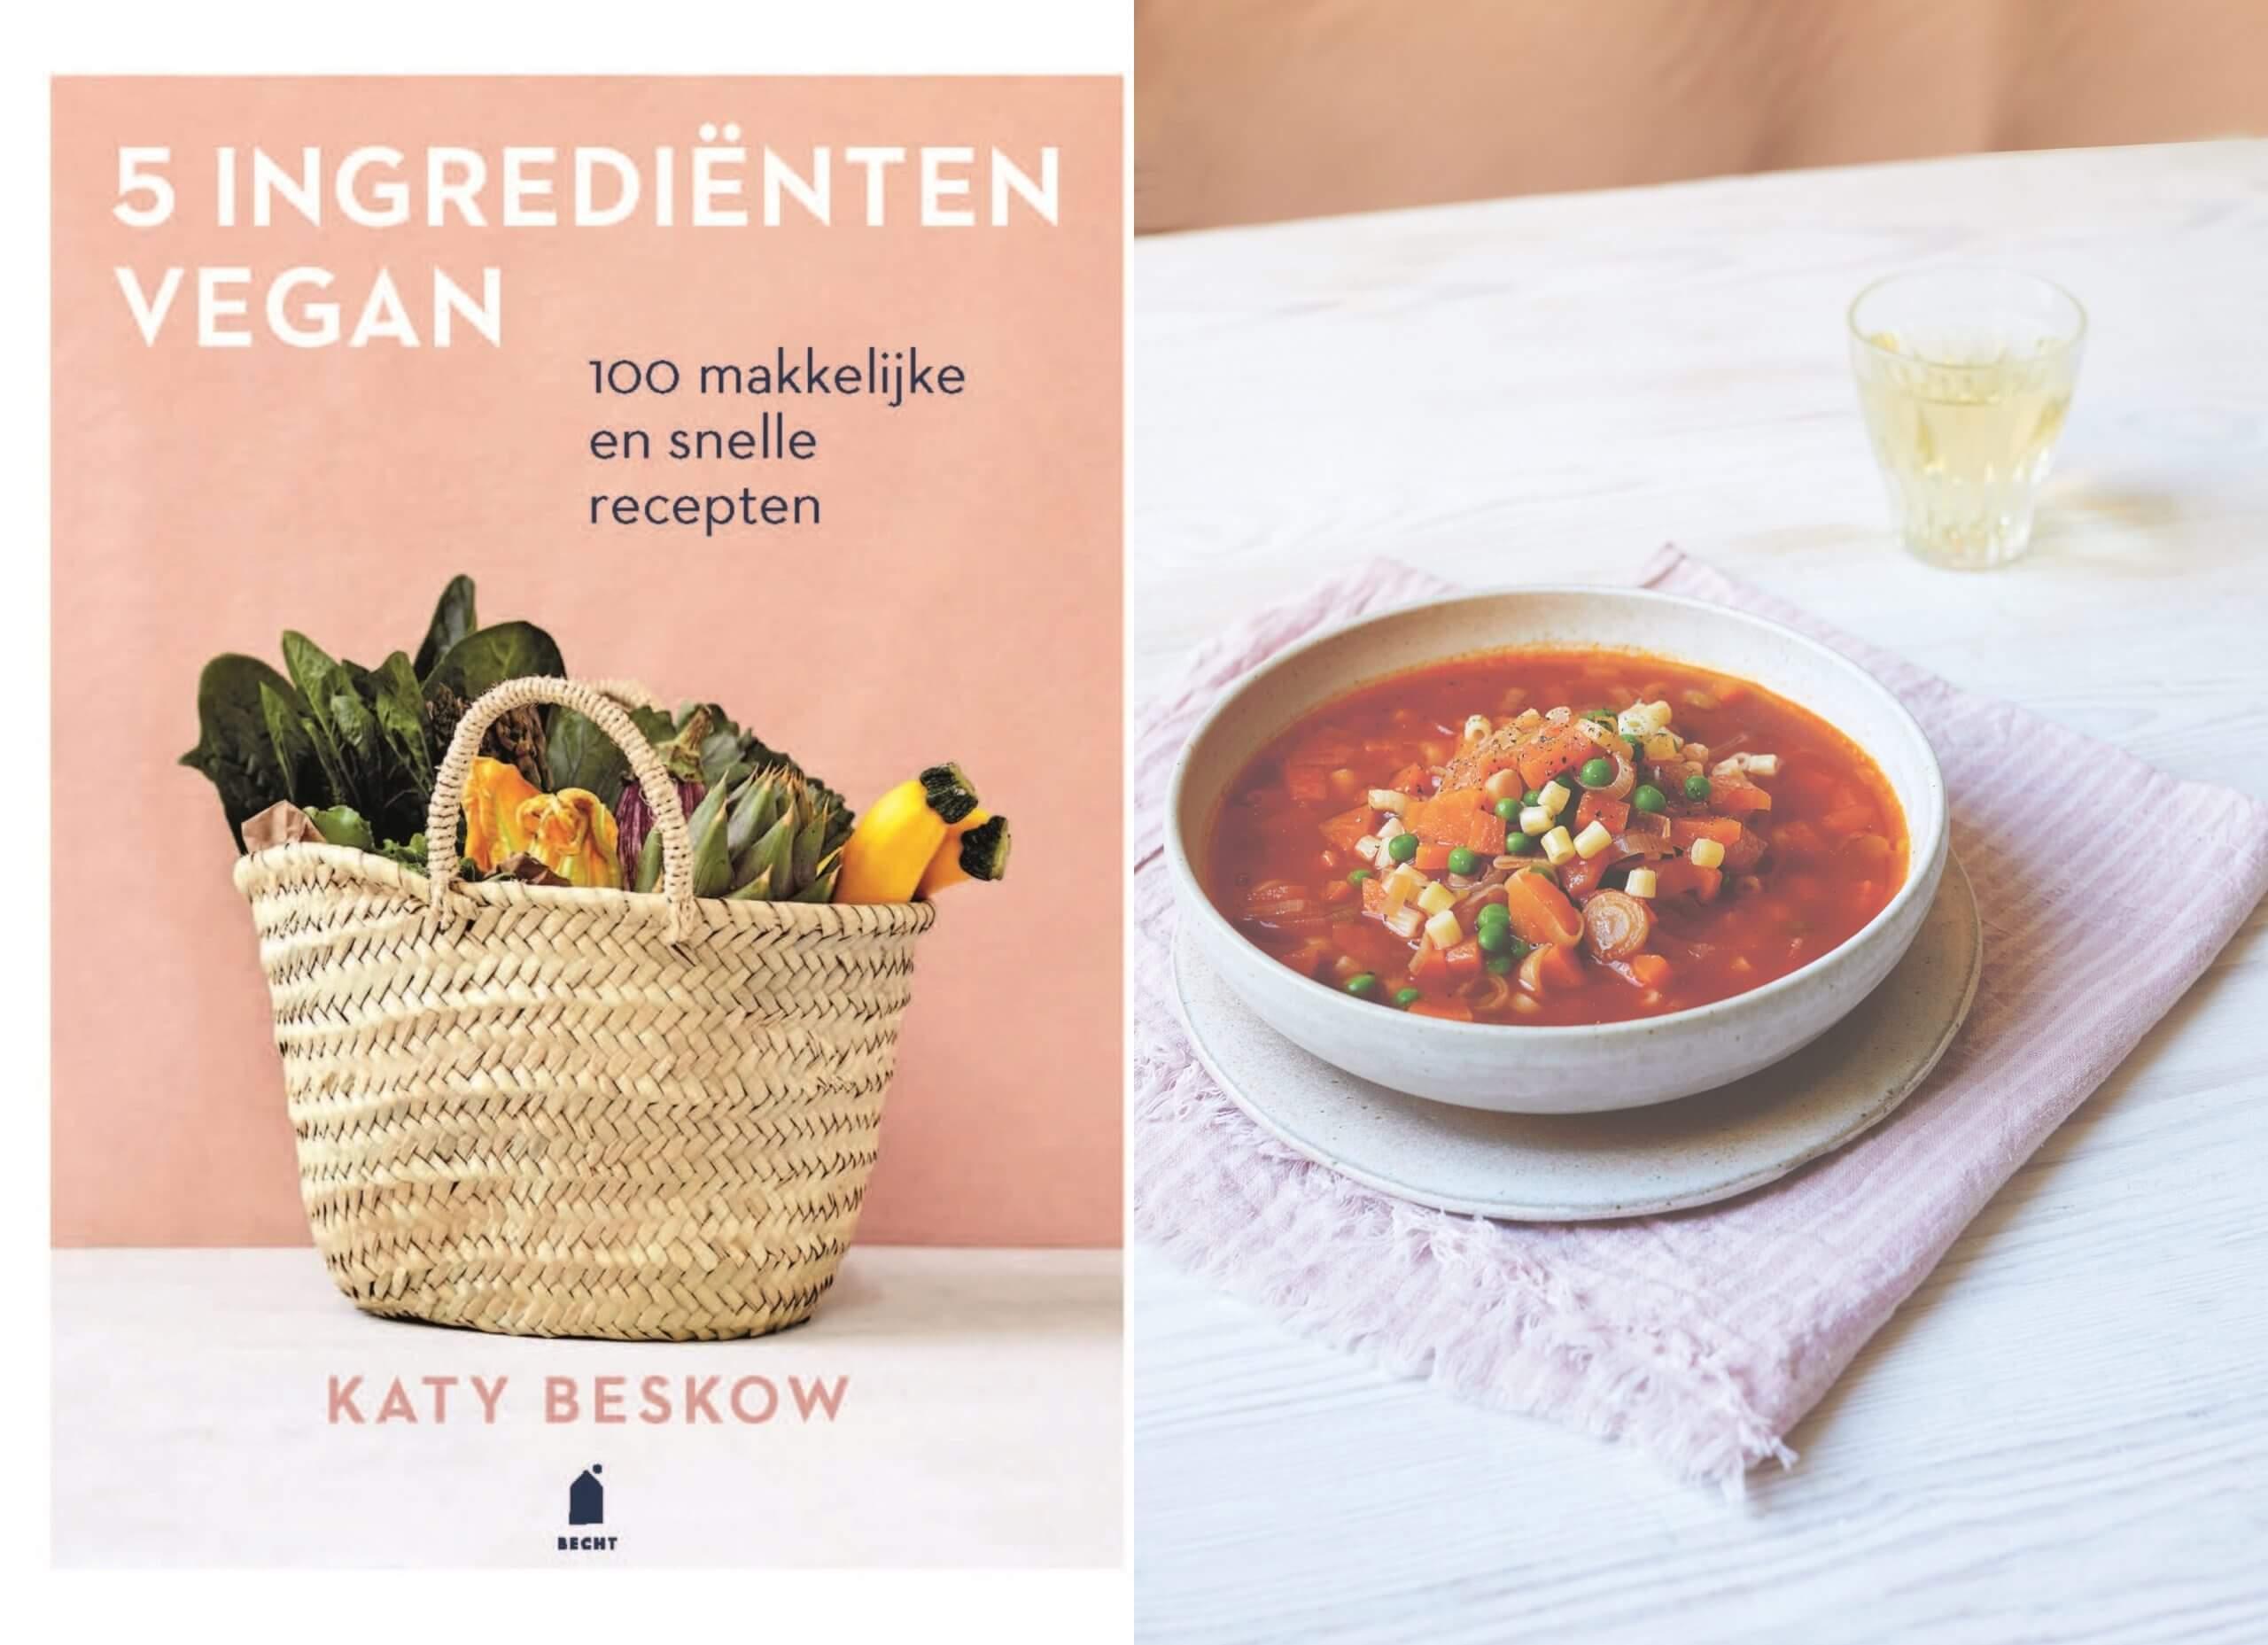 Review: 5 ingrediënten vegan van Katy Beskow